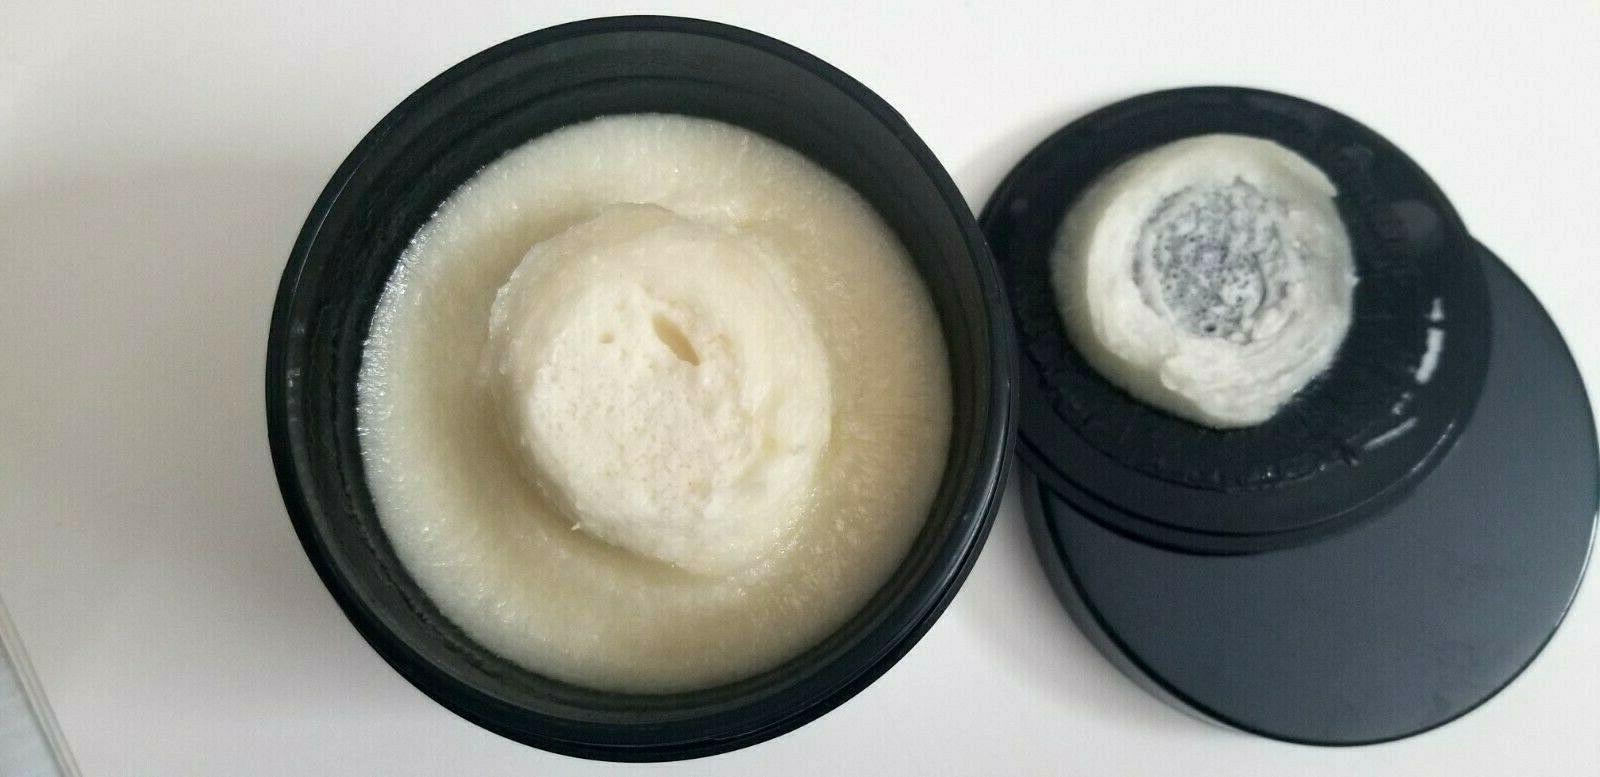 The Art of Shaving Shaving Cream Ocean Kelp Aromatic Oils 5o